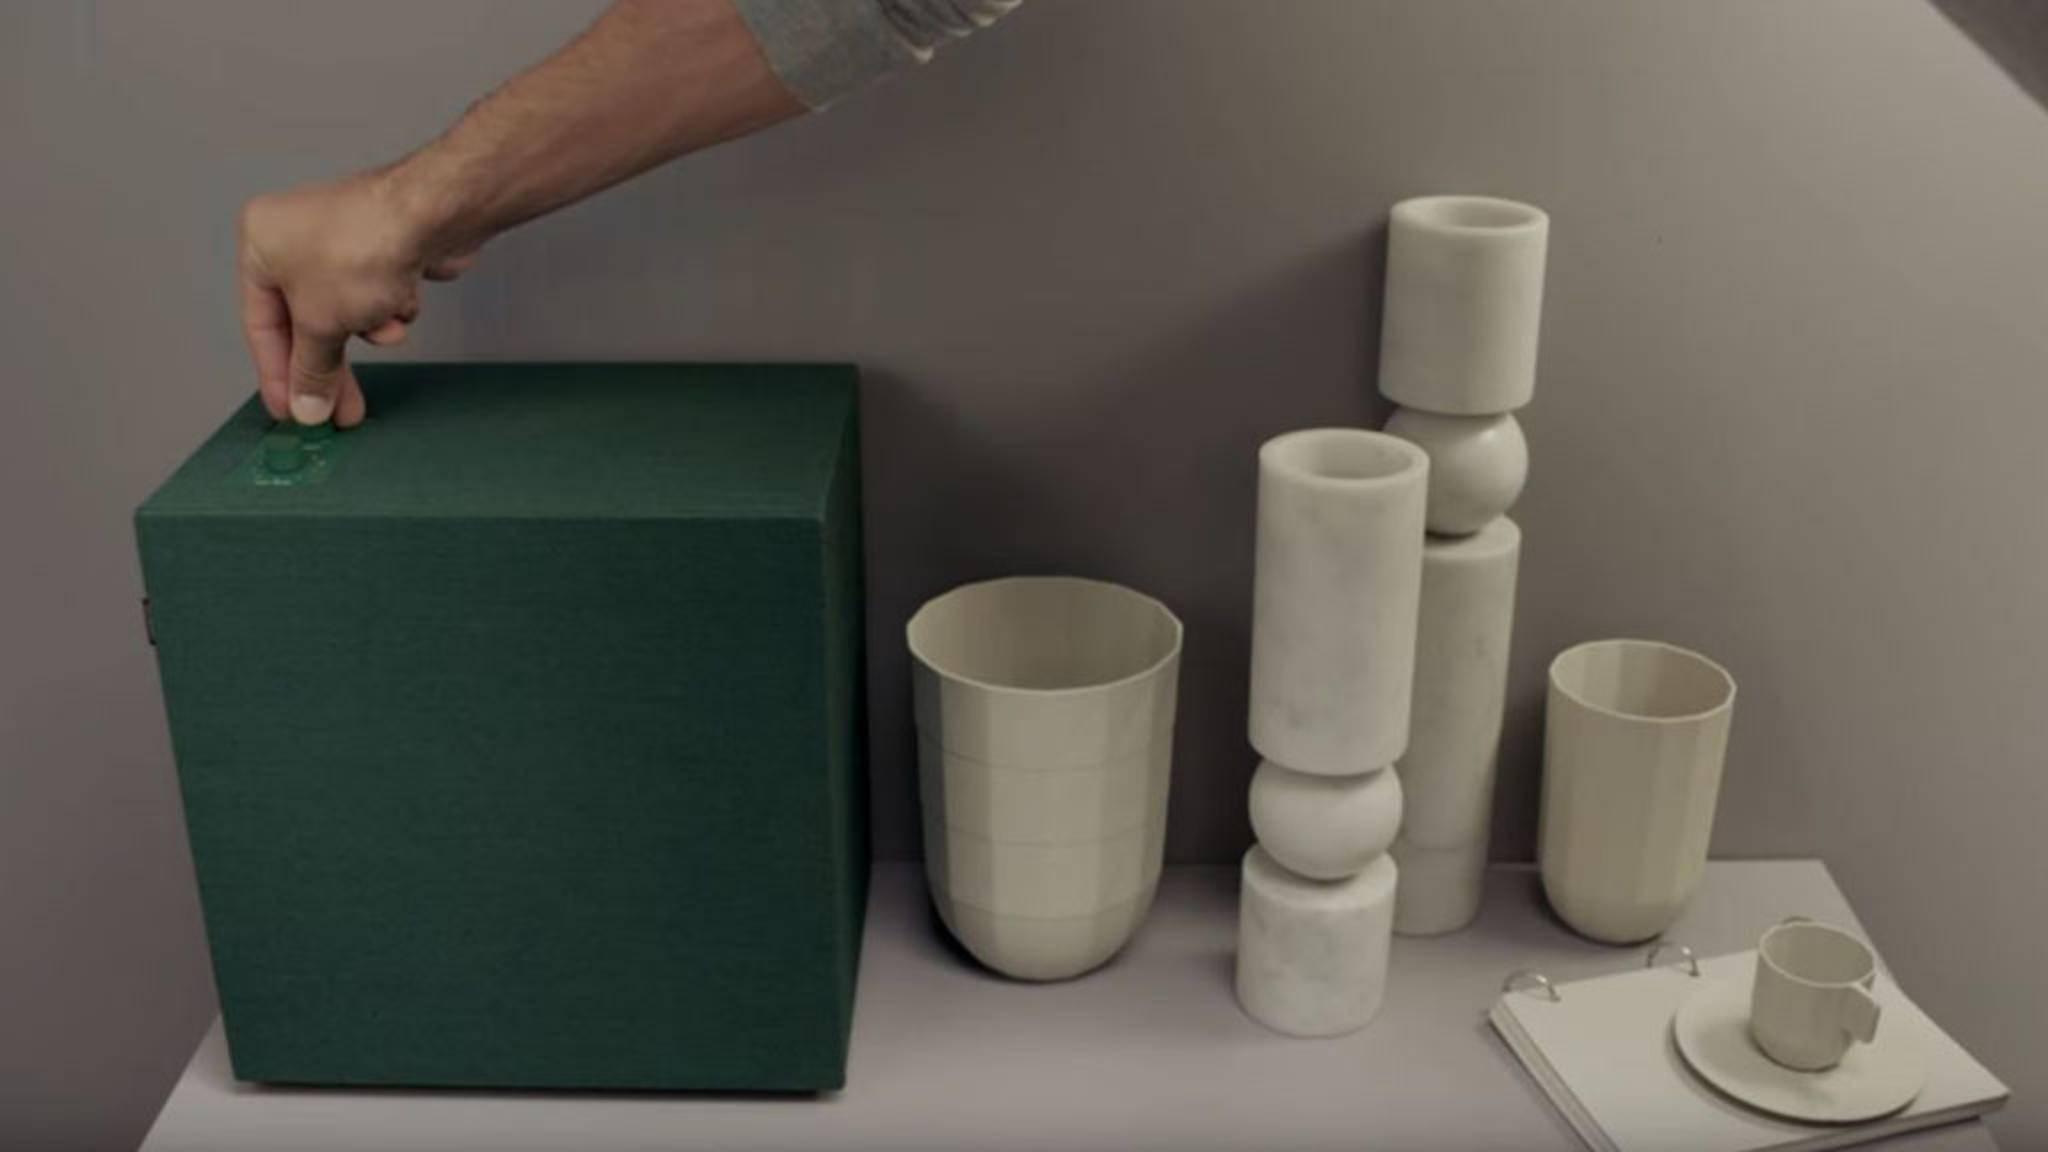 Schlichtes Design, smarte Funktionen: Die Lautsprecher von Urbanears kommen am 30. März auf den Markt.